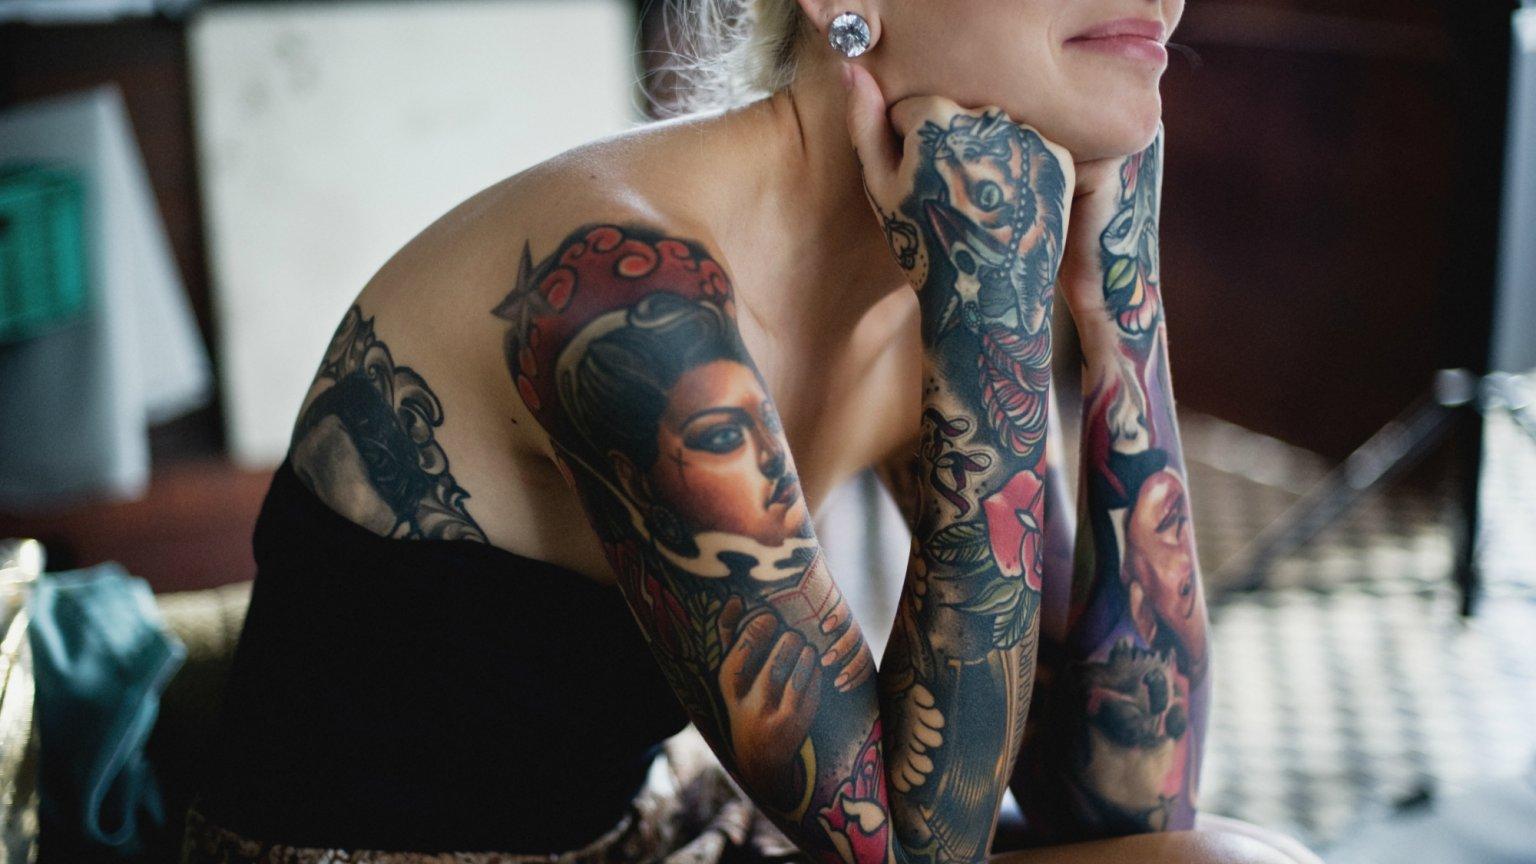 Yvonne Heartmann Ludzie Myślą że Skoro Mam Tatuaże To